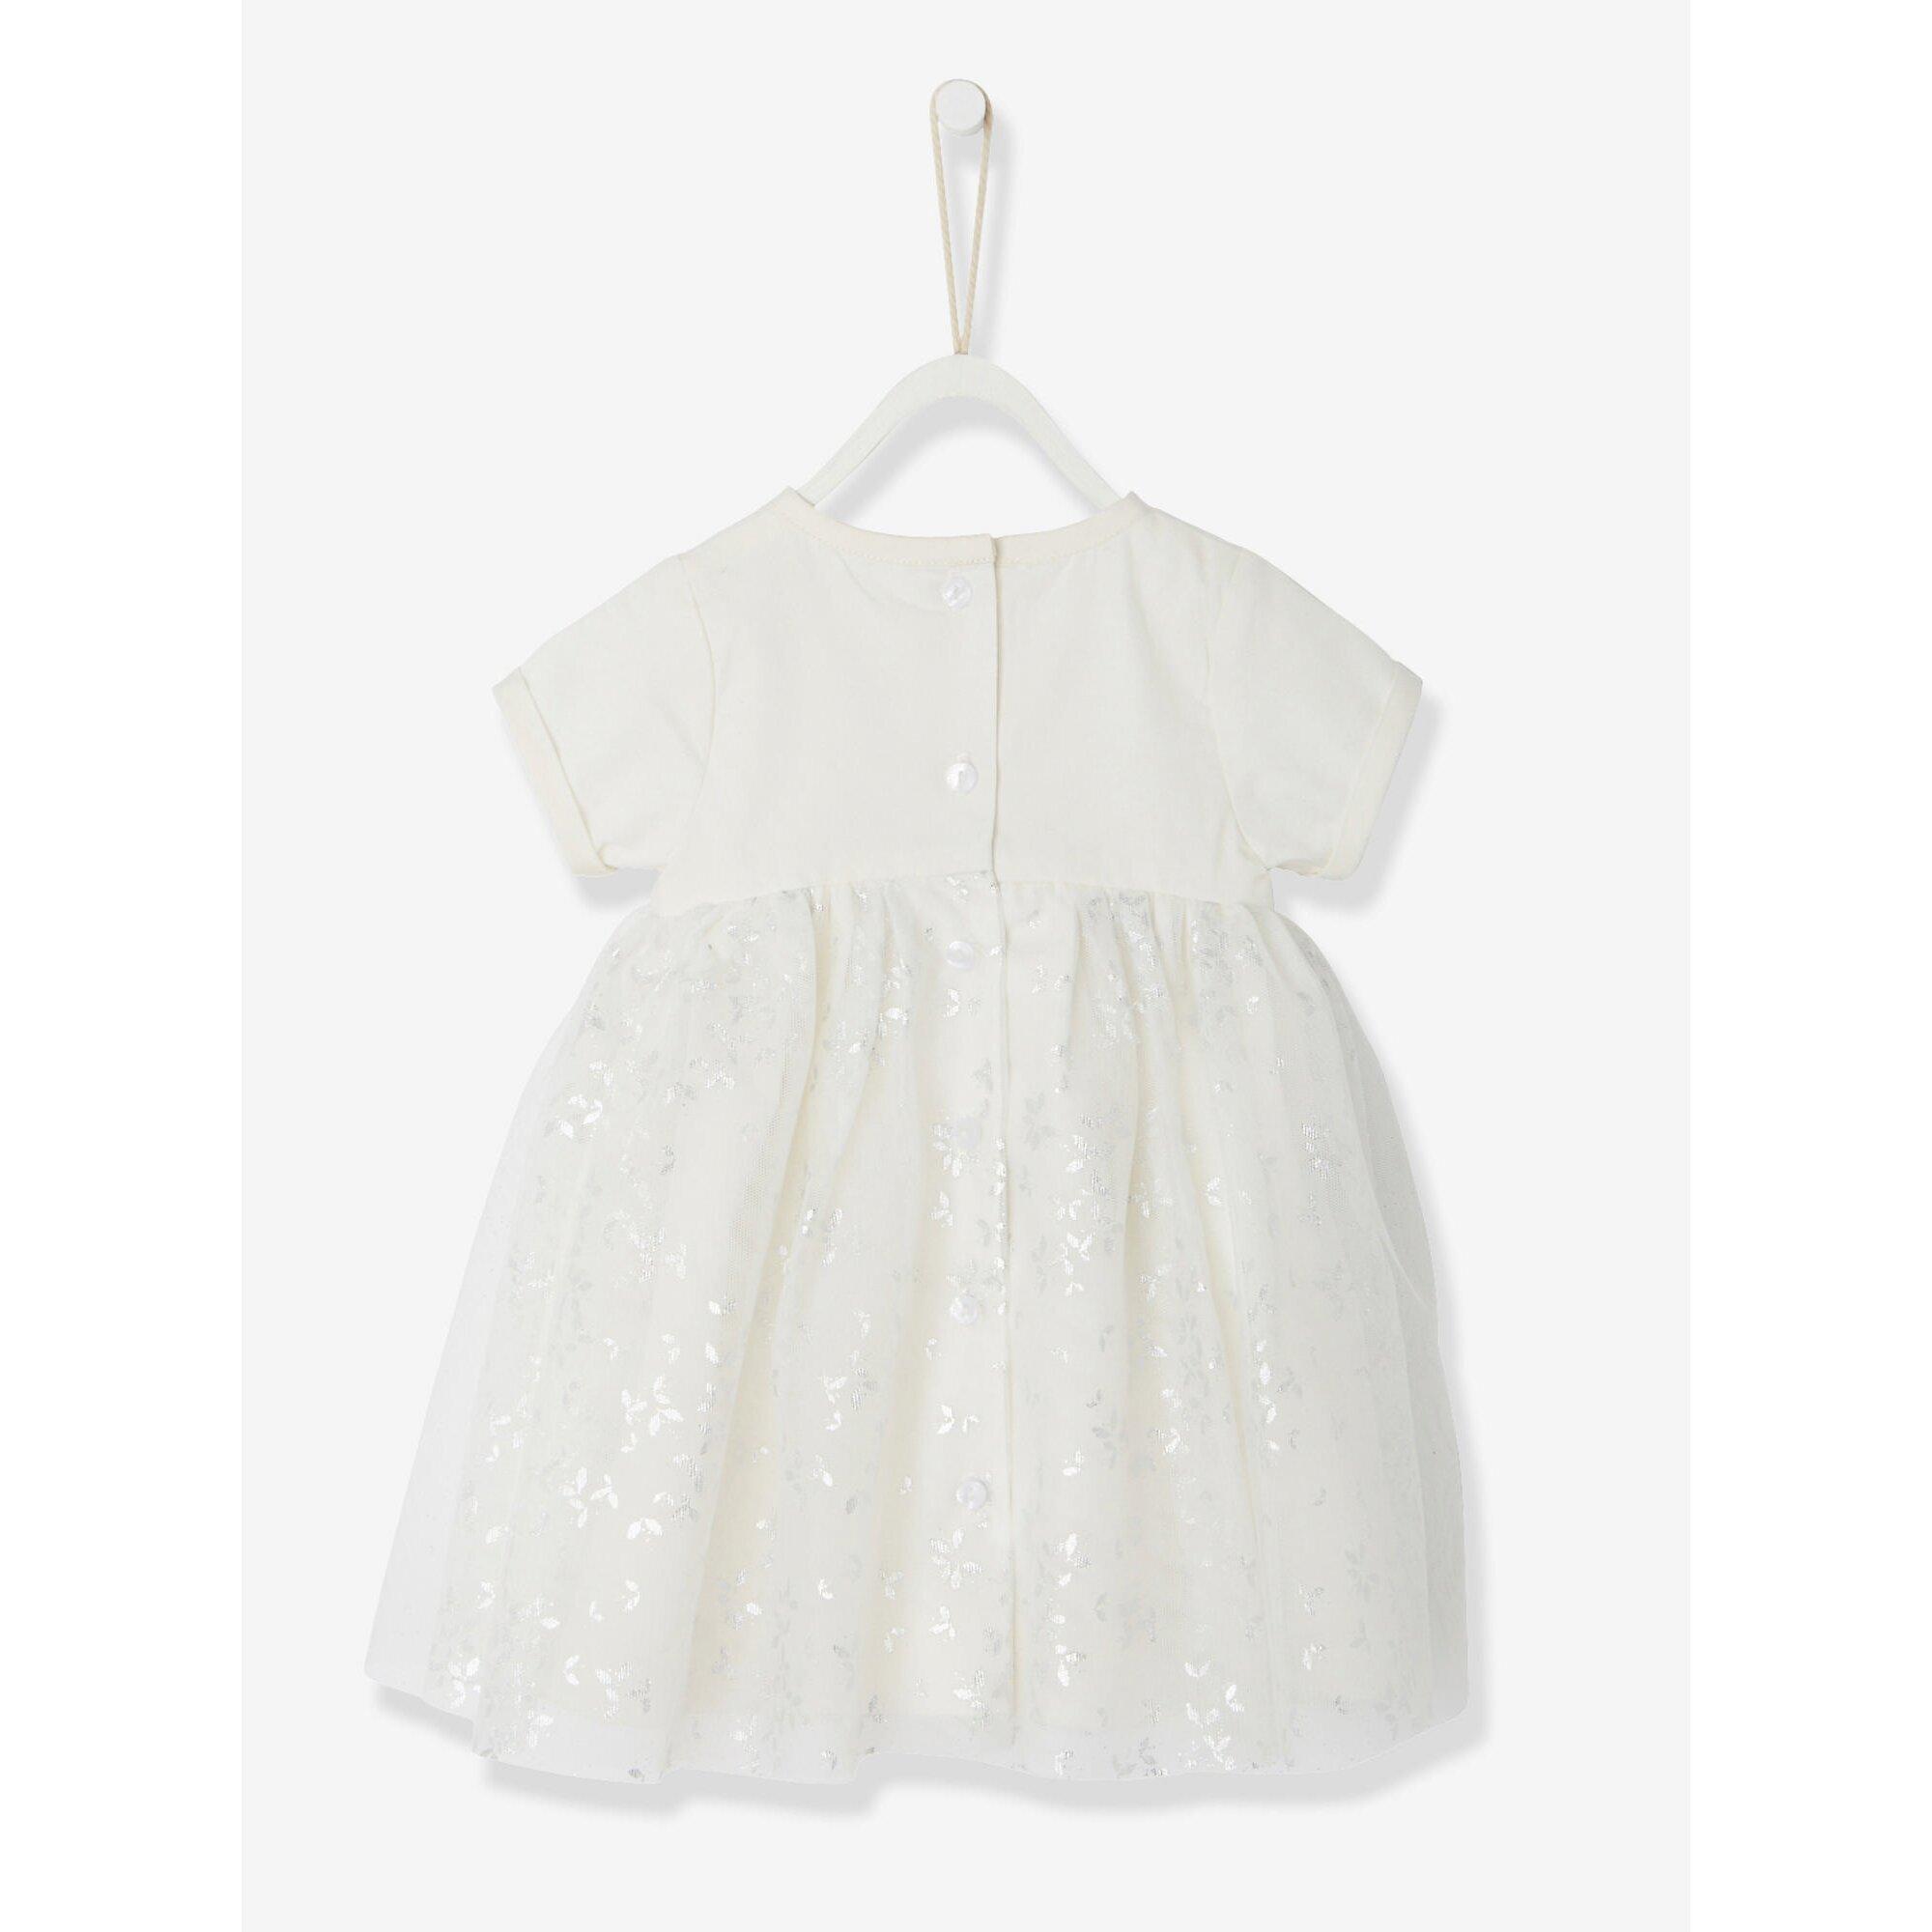 vertbaudet-festliches-babykleid-aus-satin-und-tull, 30.99 EUR @ babywalz-de